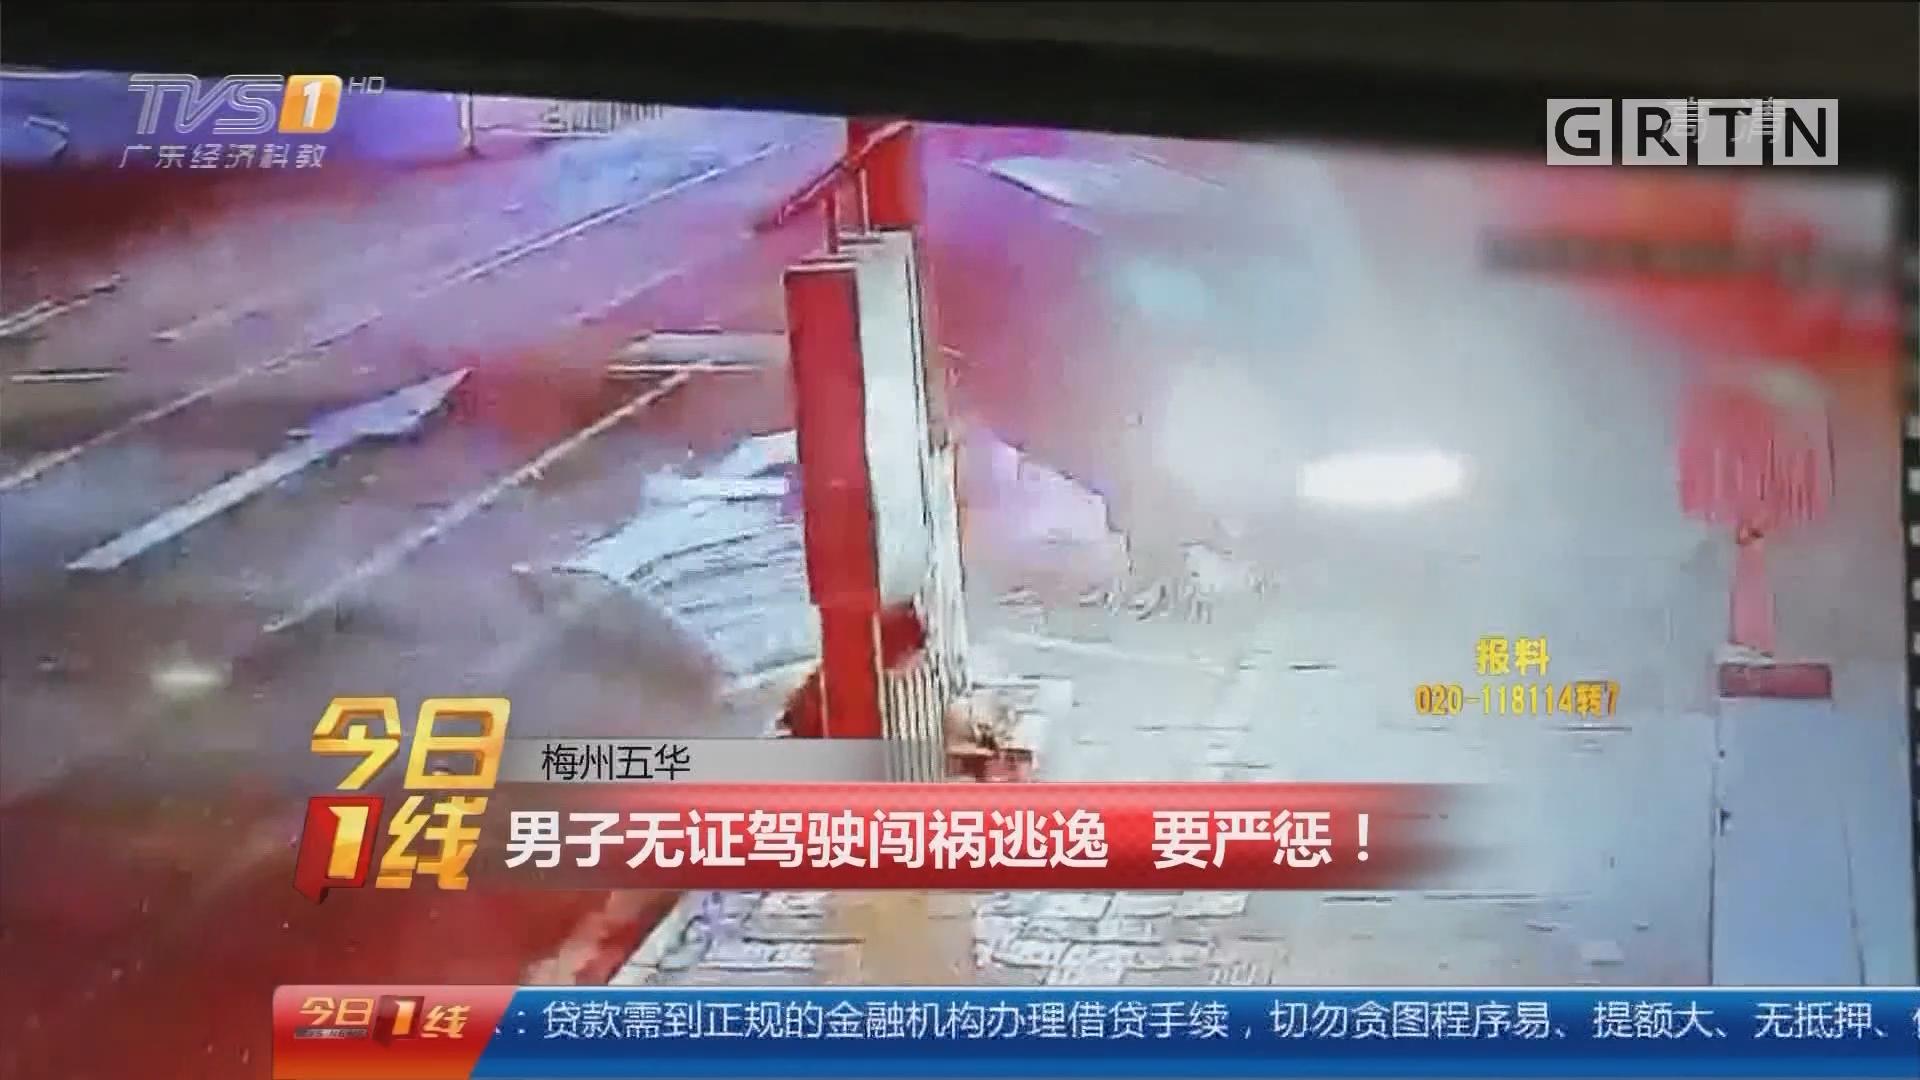 梅州五华:男子无证驾驶闯祸逃逸 要严惩!